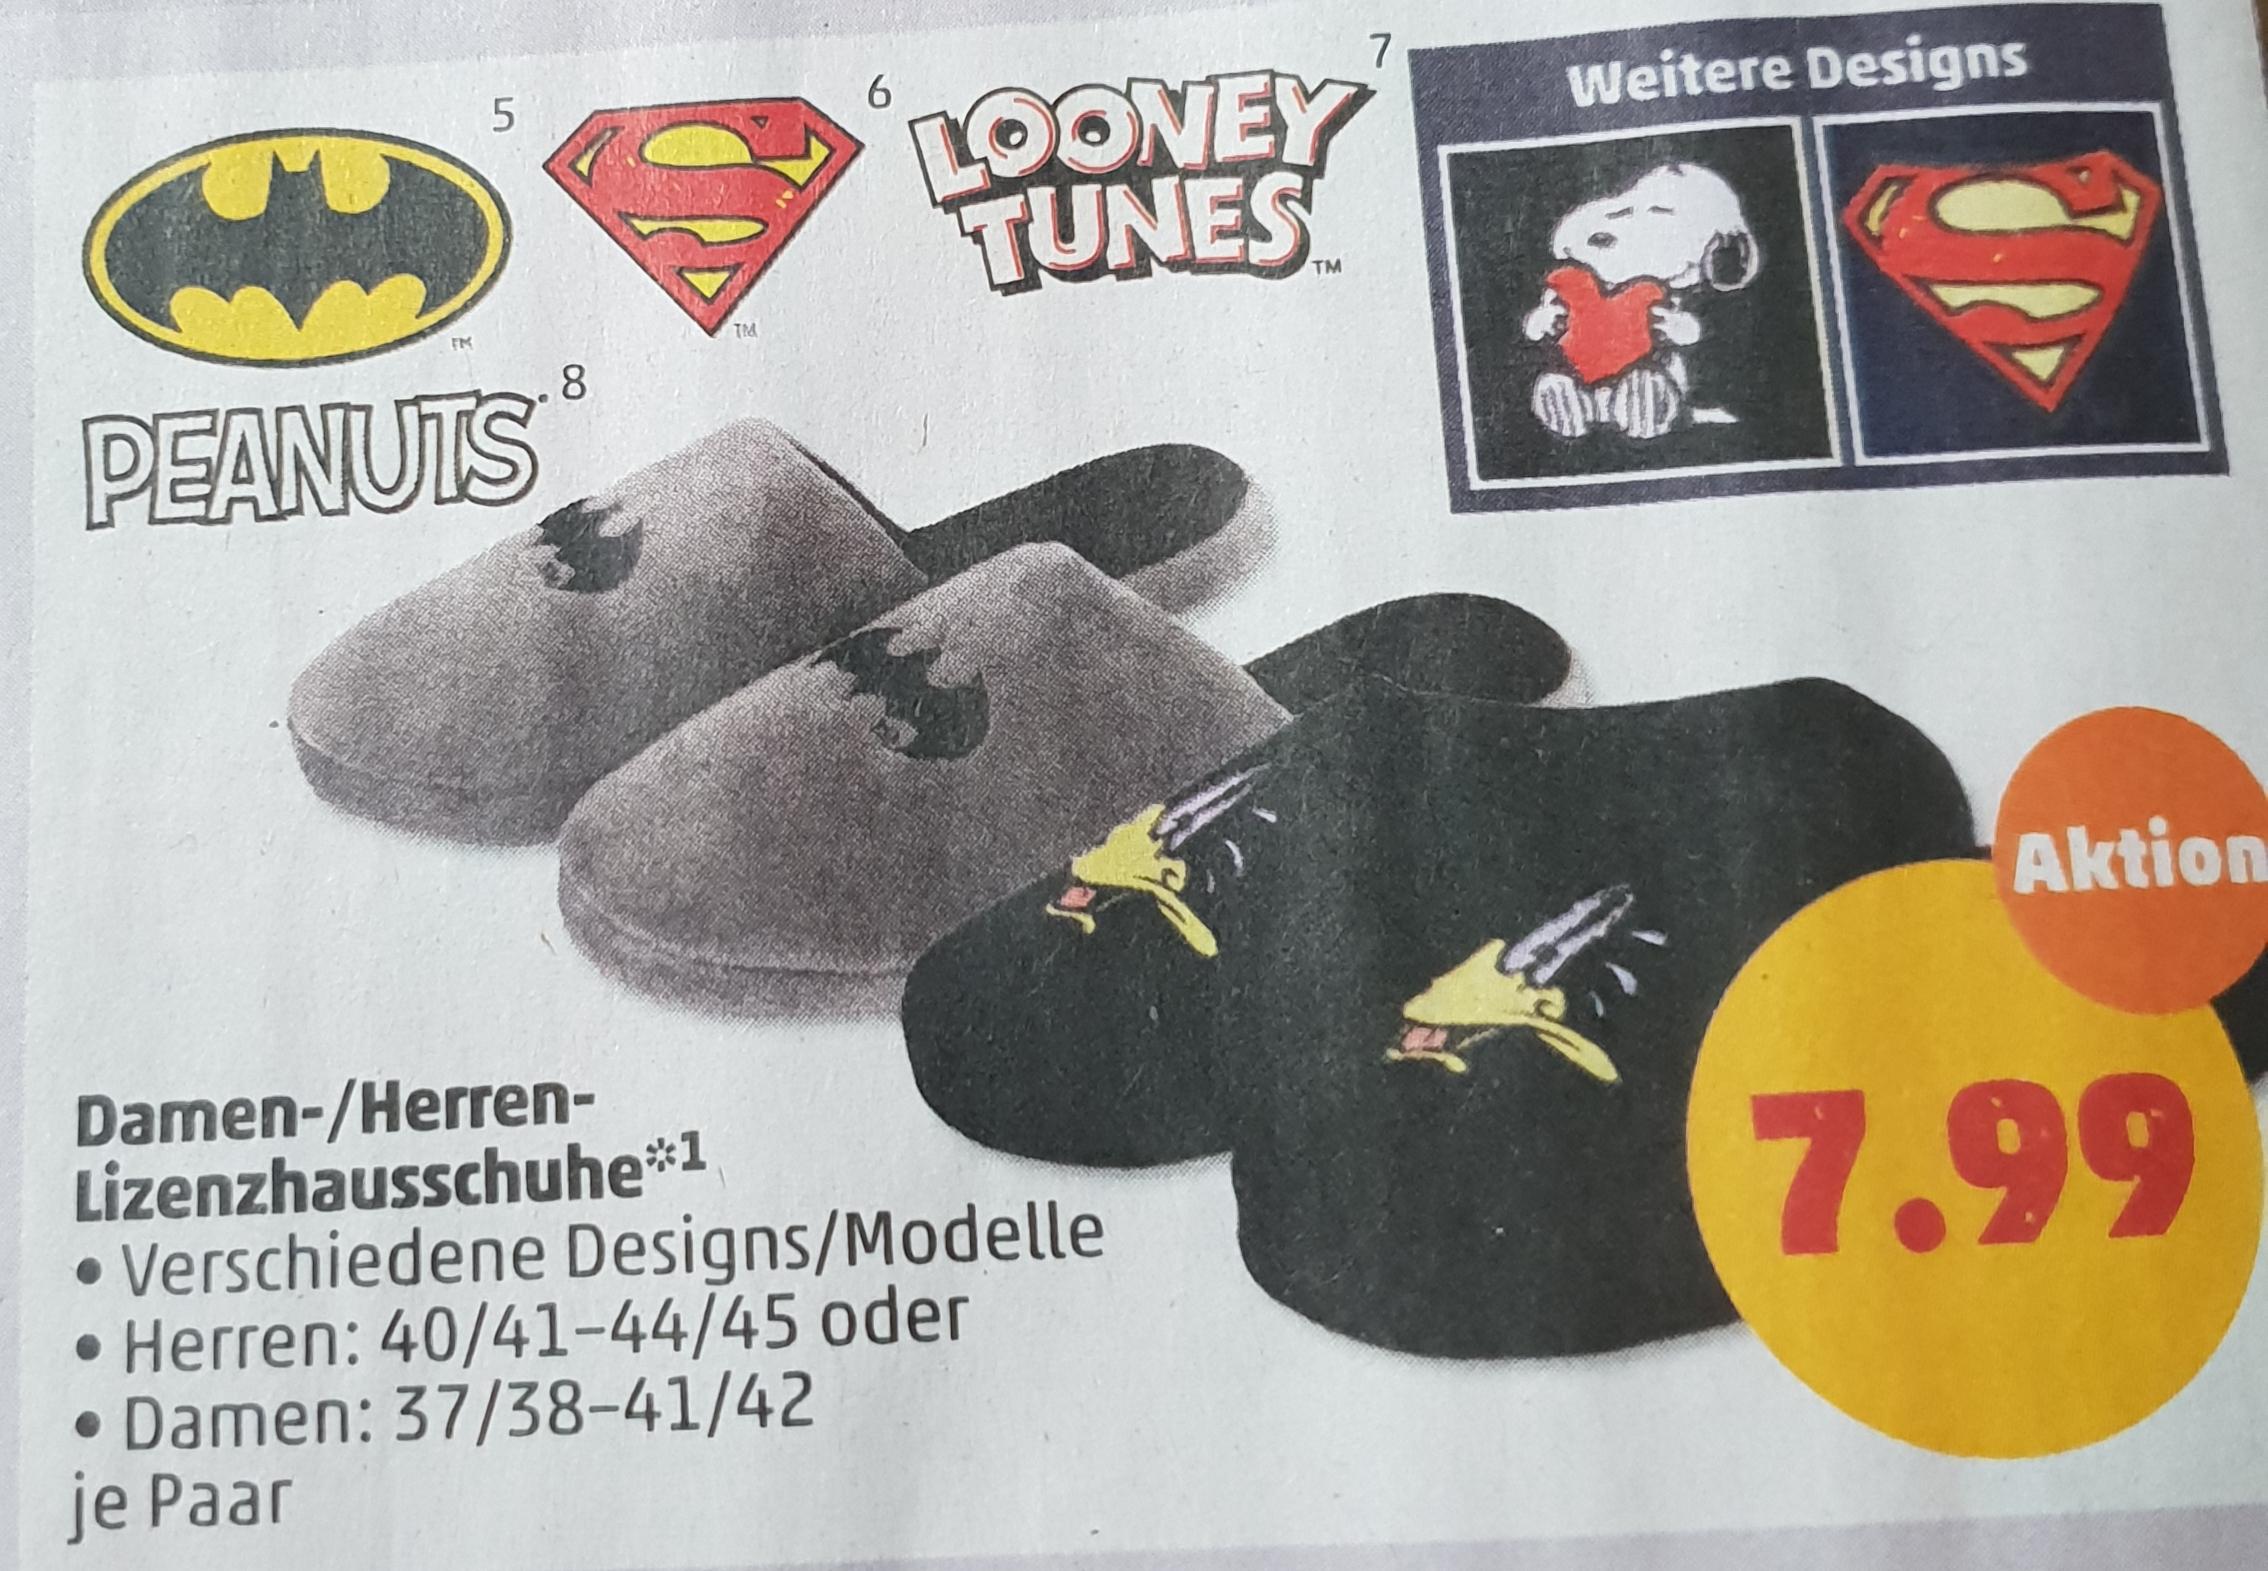 Sie&Ihn Hausschuhe Bat/Superman/Looney Tunes/Peanuts je Paar für nur 7,79€ bei Penny